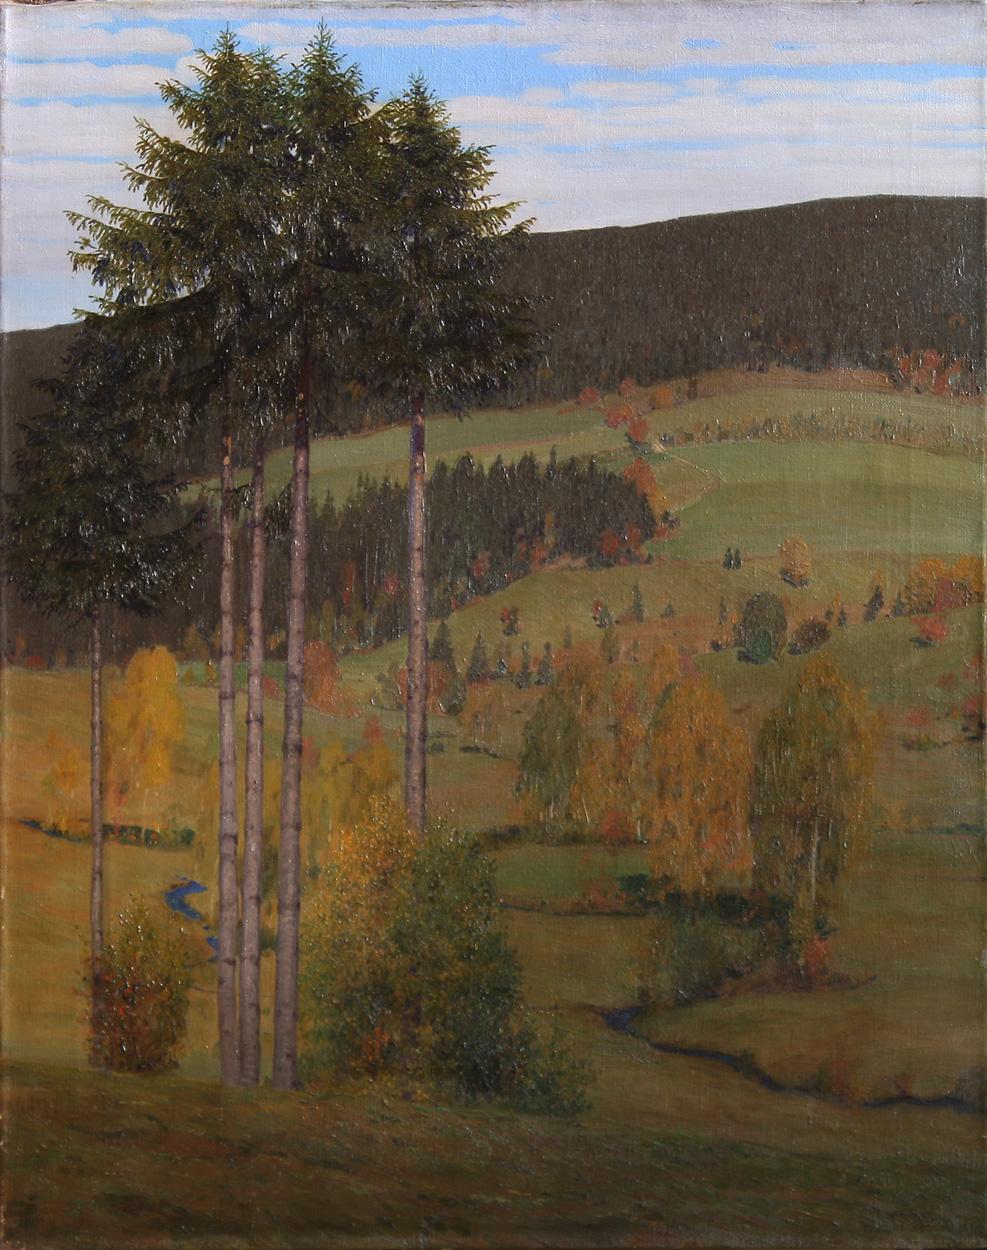 Richard Birnstengel, Sächsische Herbstlandschaft